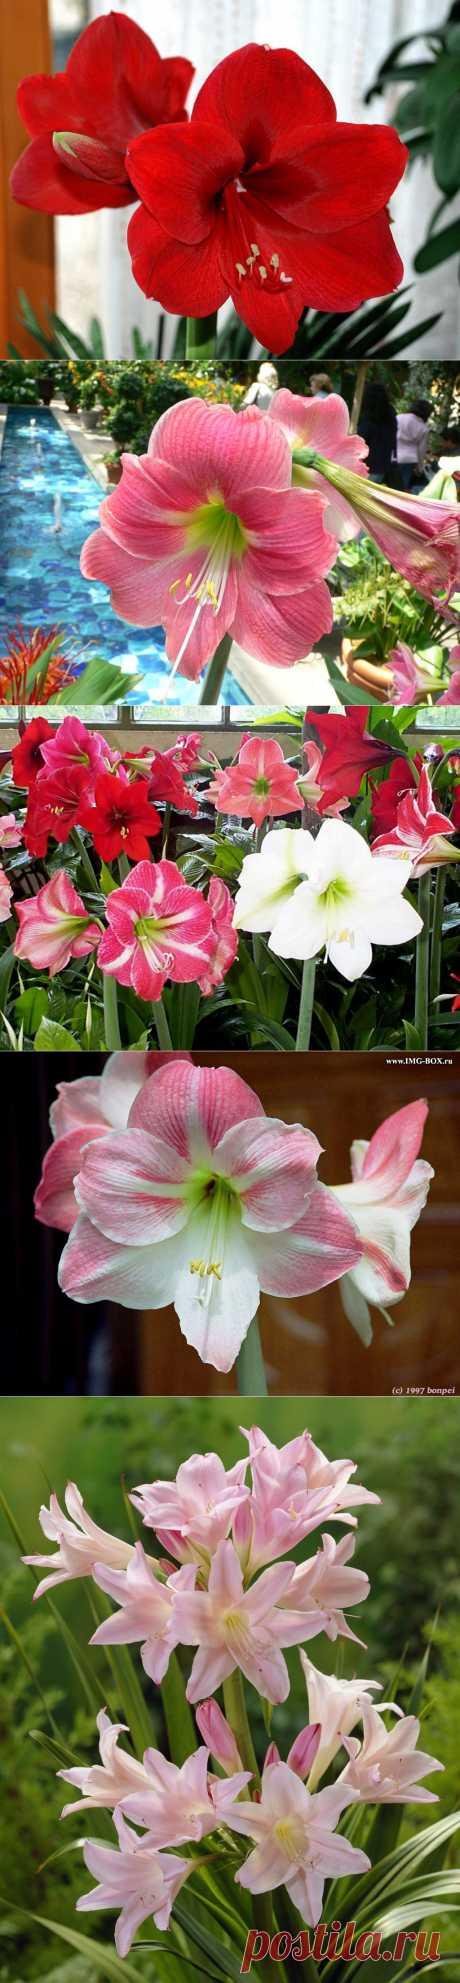 Гиппеаструм. Уход за цветами гиппеаструмами,комнатное растение гиппеаструм, размножение, полив, уход. Цветок гипеаструм выращивание.